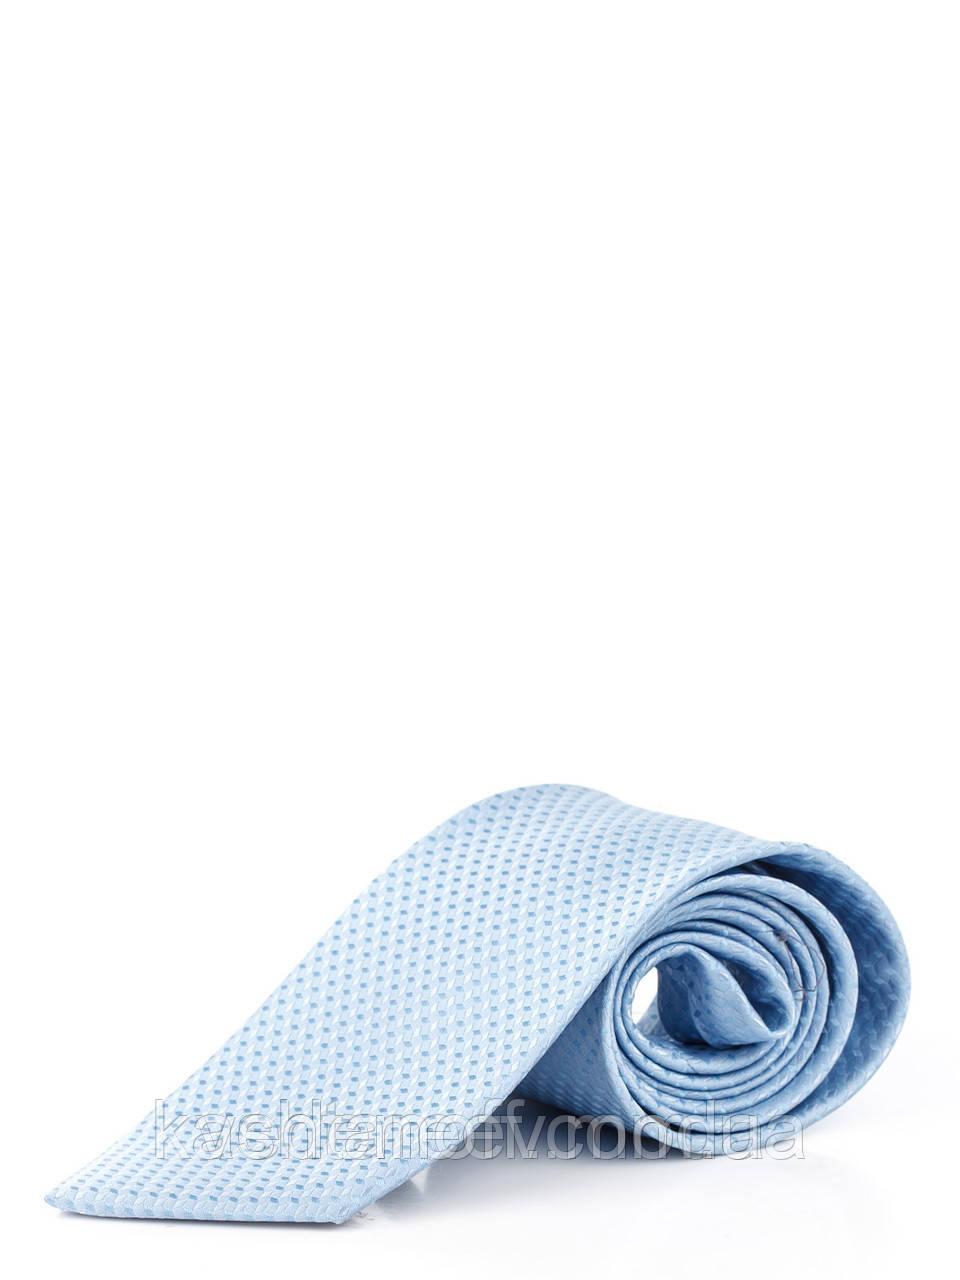 Голубой галстук из микрофибры в диагональный ромб